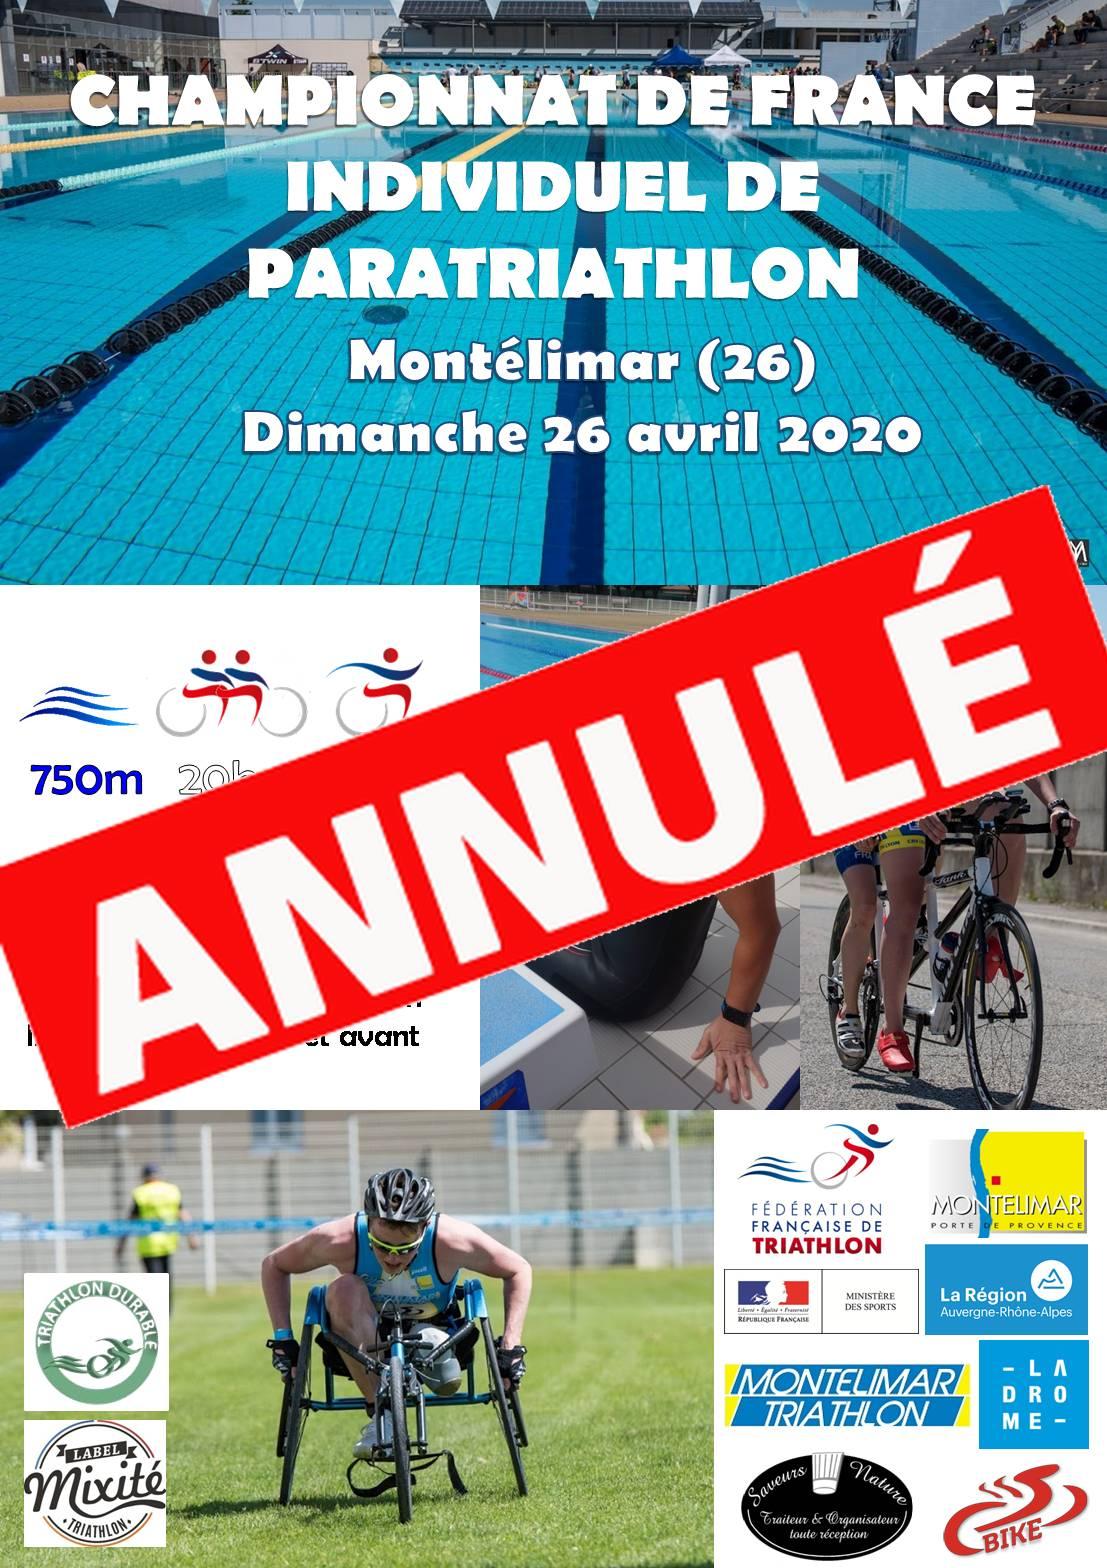 Championnat de France individuel de Paratriathlon